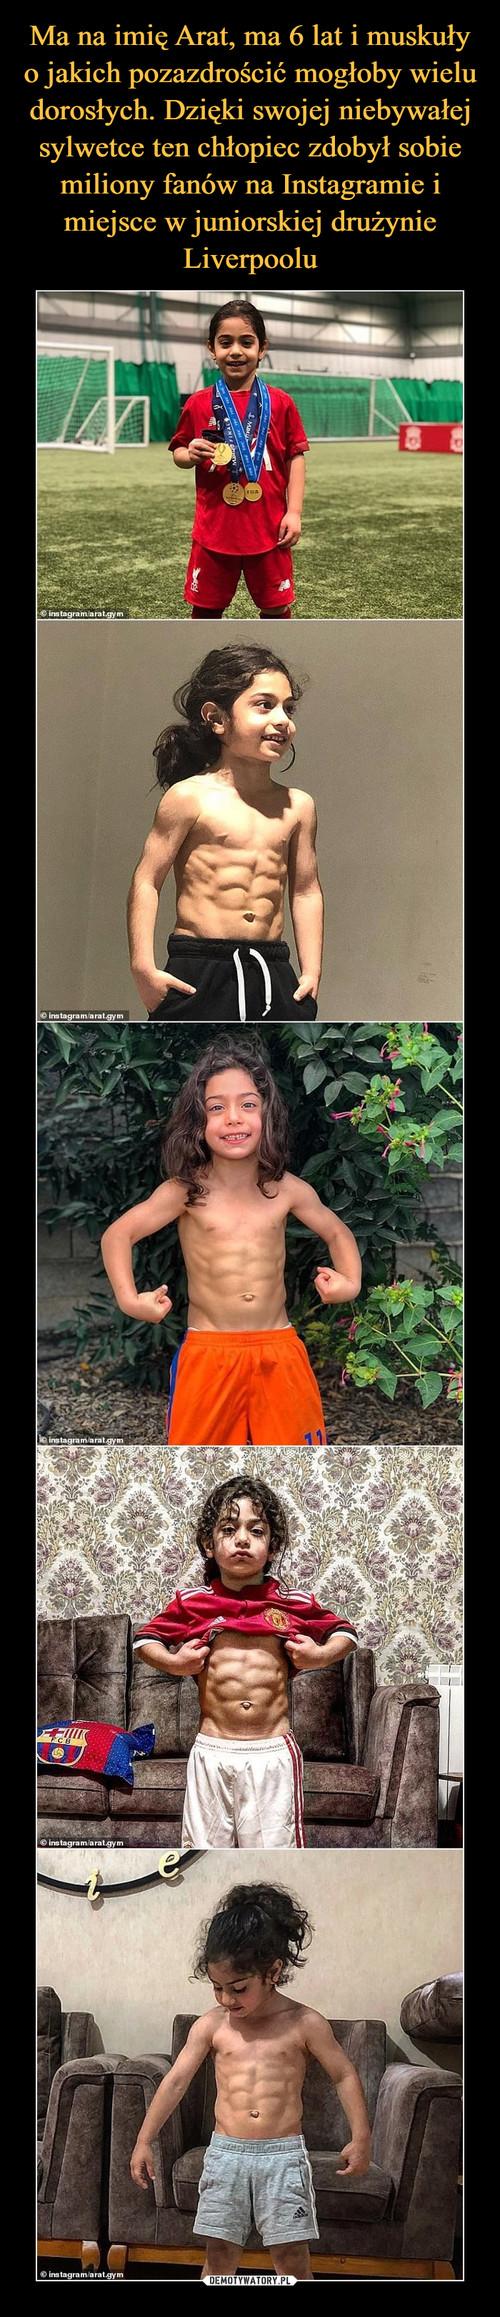 Ma na imię Arat, ma 6 lat i muskuły o jakich pozazdrościć mogłoby wielu dorosłych. Dzięki swojej niebywałej sylwetce ten chłopiec zdobył sobie miliony fanów na Instagramie i miejsce w juniorskiej drużynie Liverpoolu